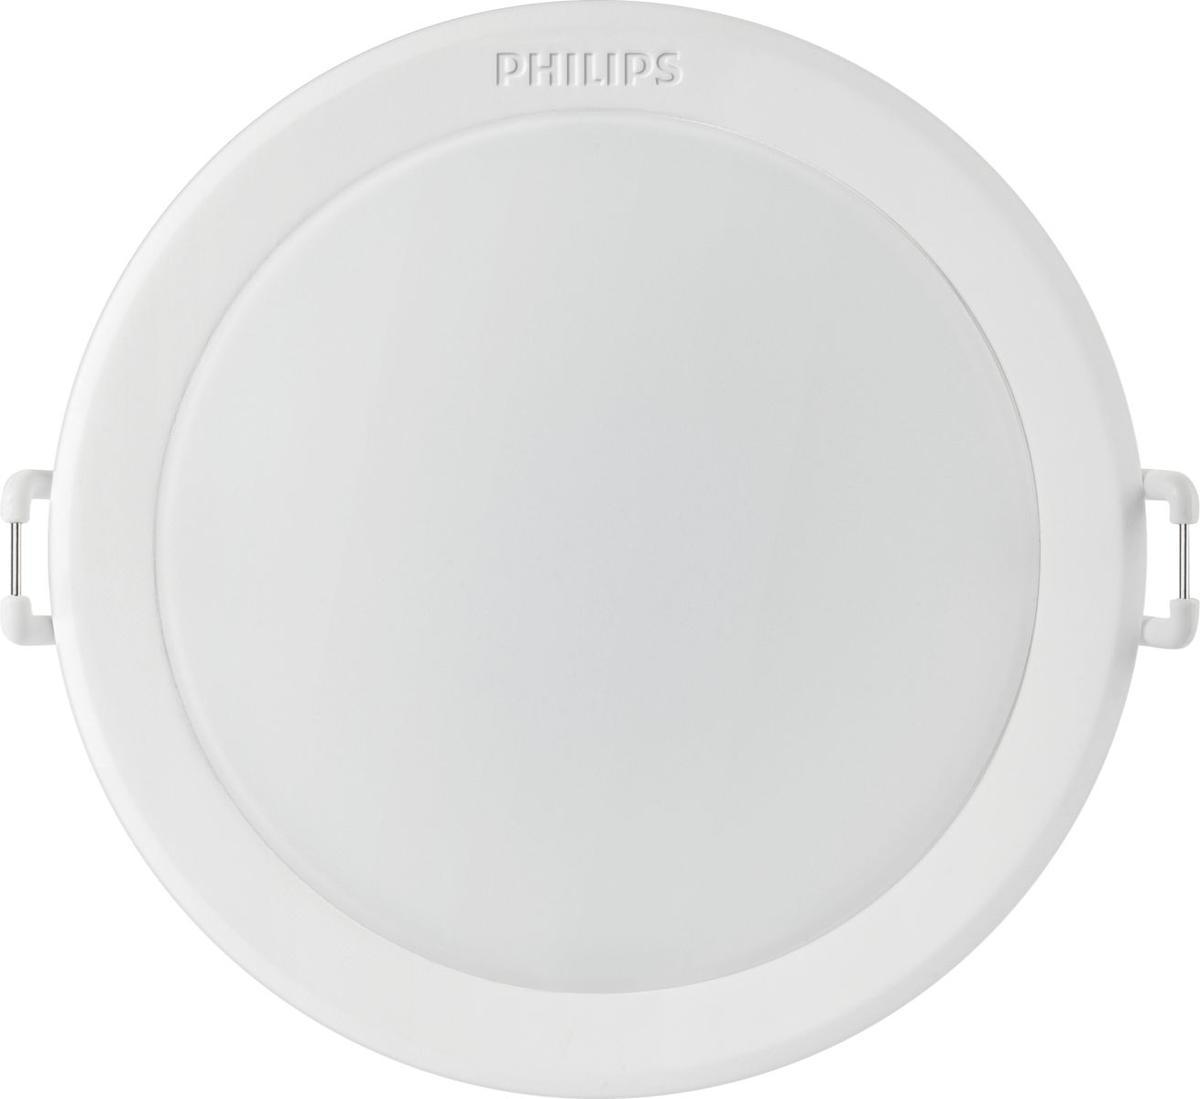 Philips LED deckenbeleuchtung Leuchte 3,5W Meson Warmweiß 59200/31/P1